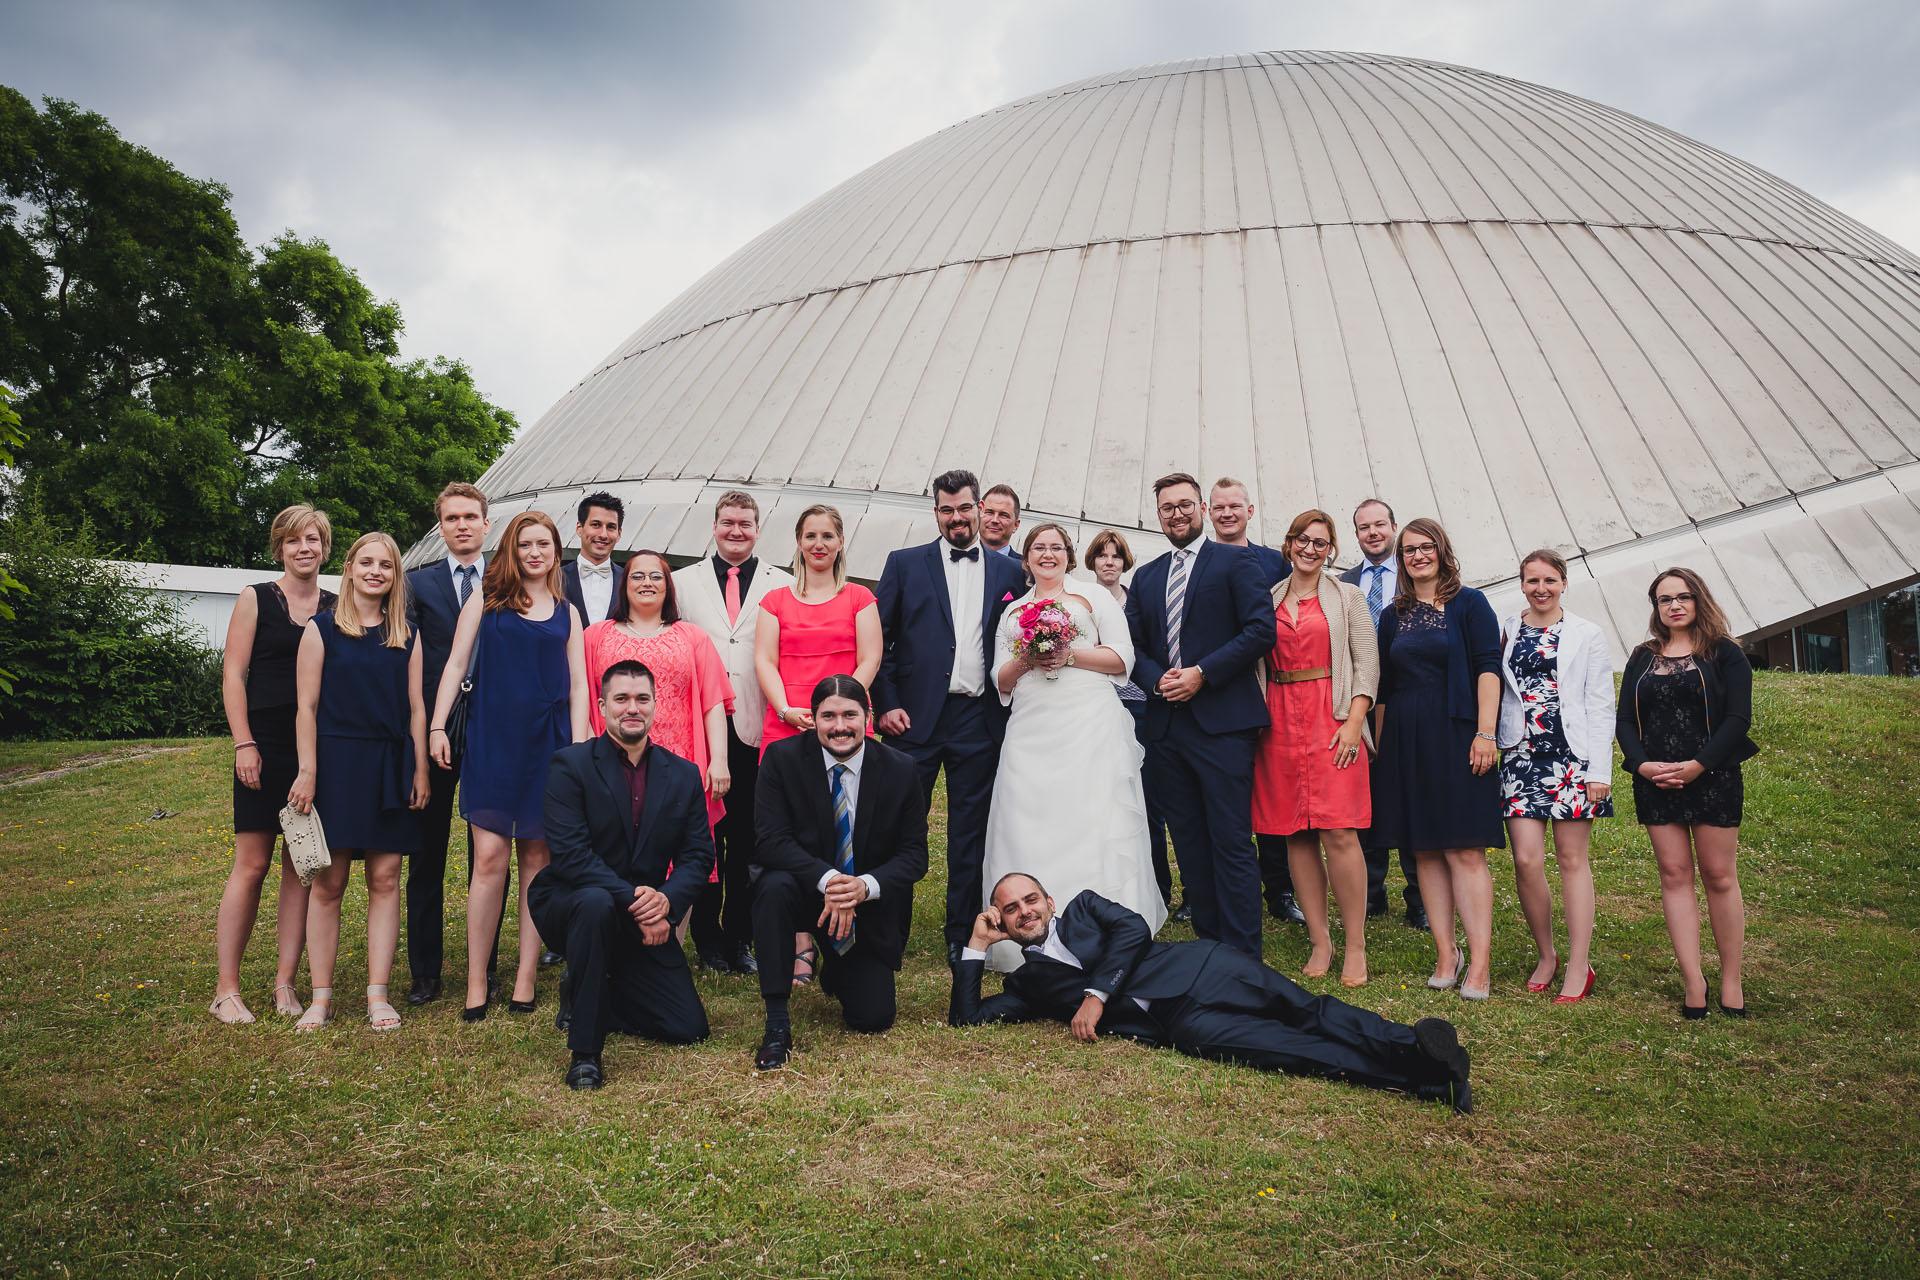 Hochzeitsfotograf Bochum - Hochzeit im Planetarium